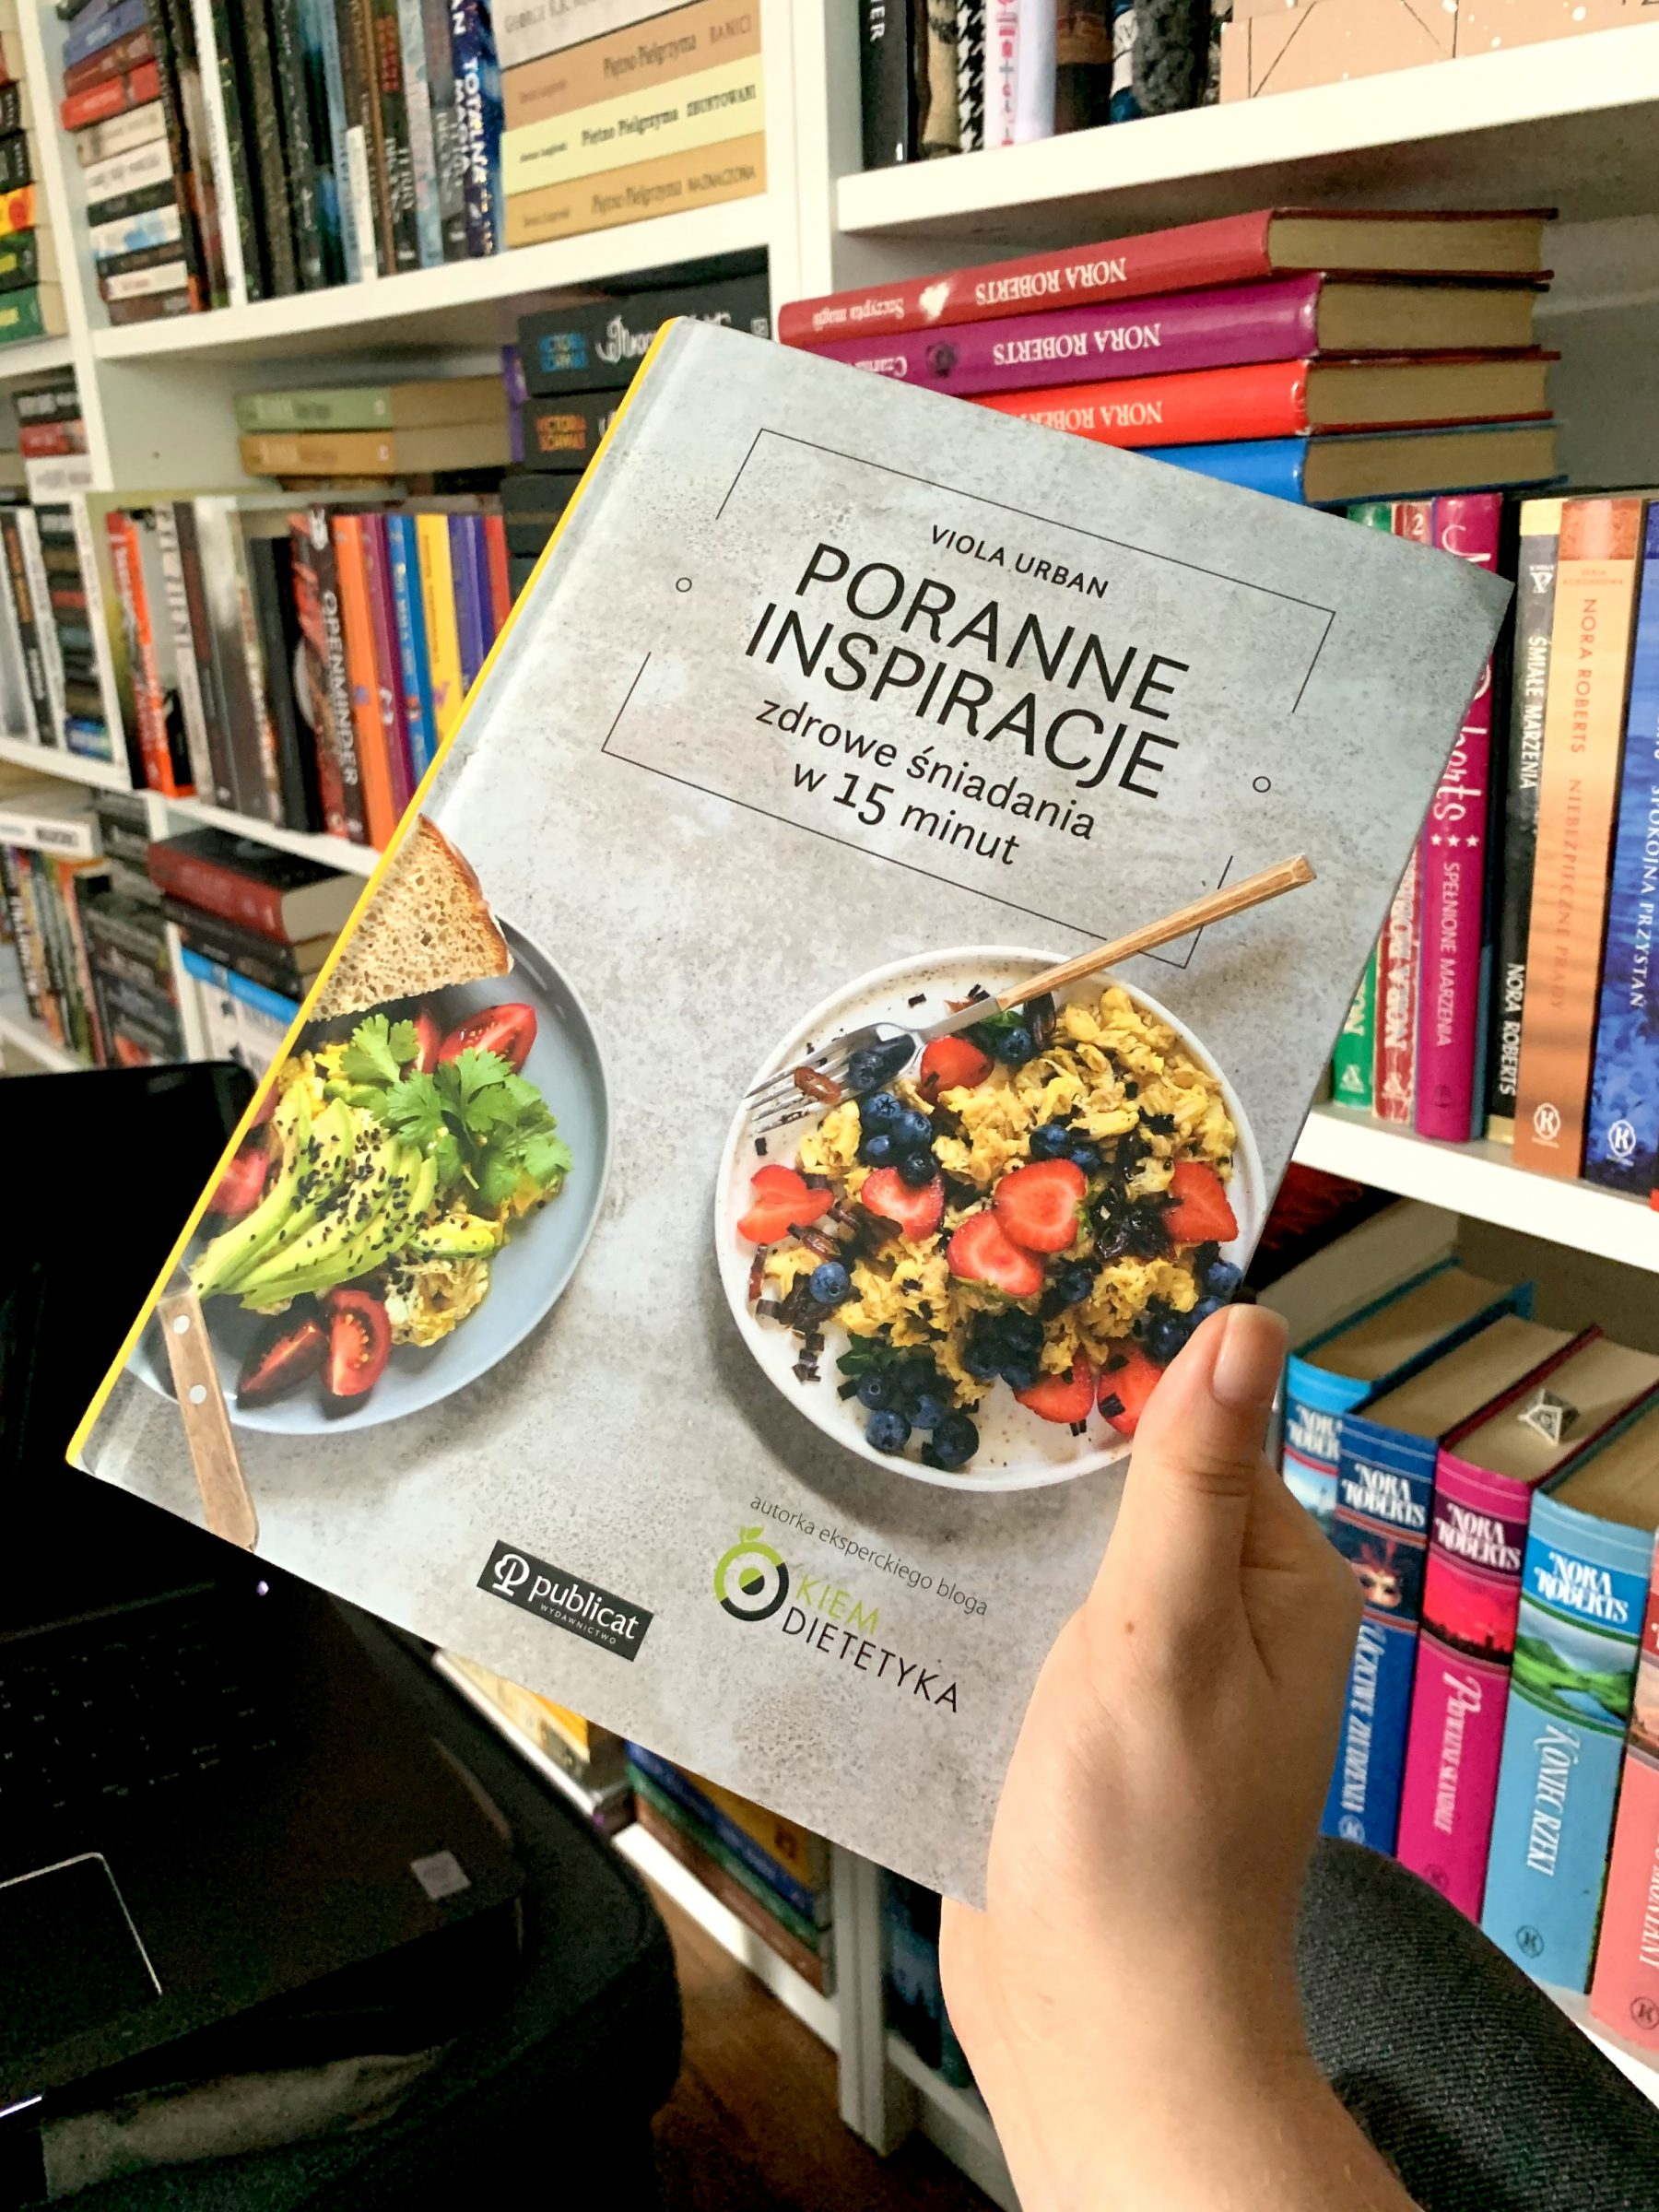 Poranne inspiracje. Zdrowe śniadania w 15 minut - Viola Urban